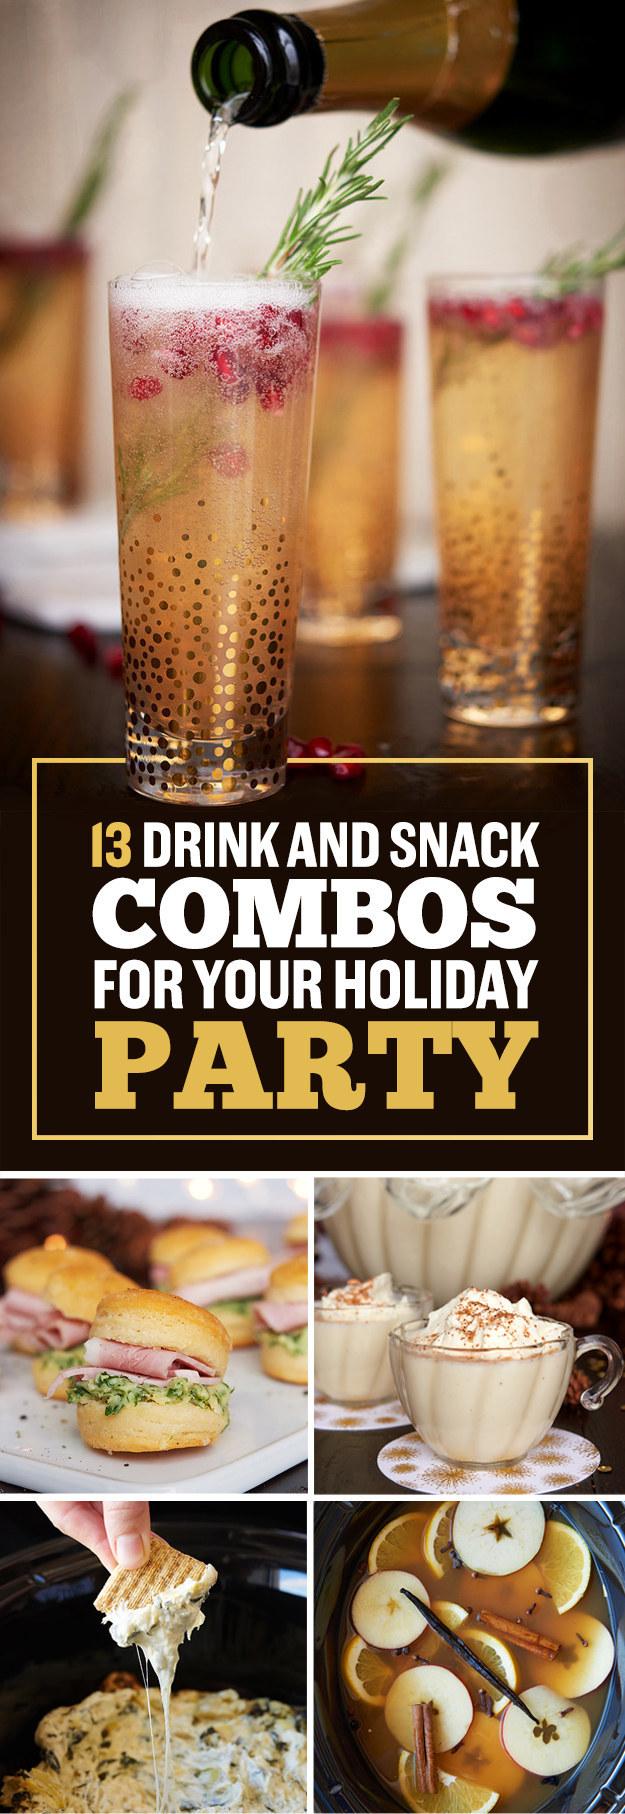 Recetas navideñas rápidas y deliciosas con Tasty